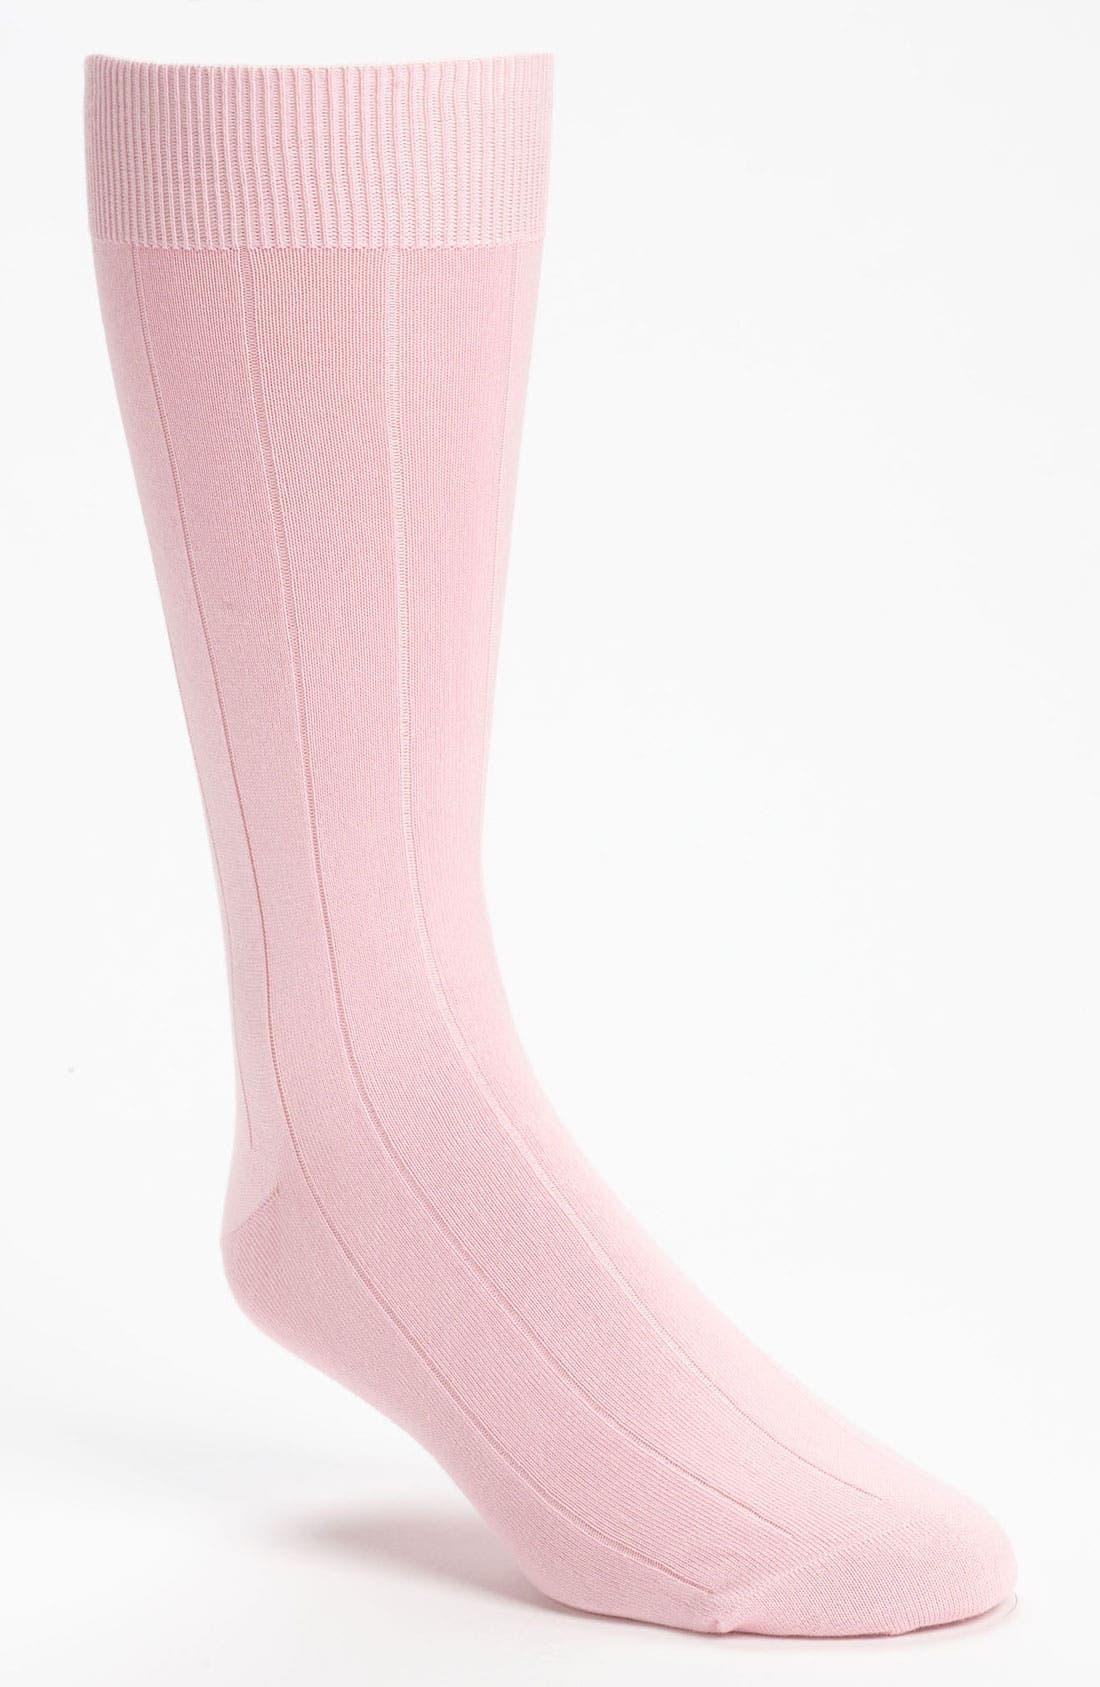 Alternate Image 1 Selected - Brooks Brothers 'Sea Island' Socks